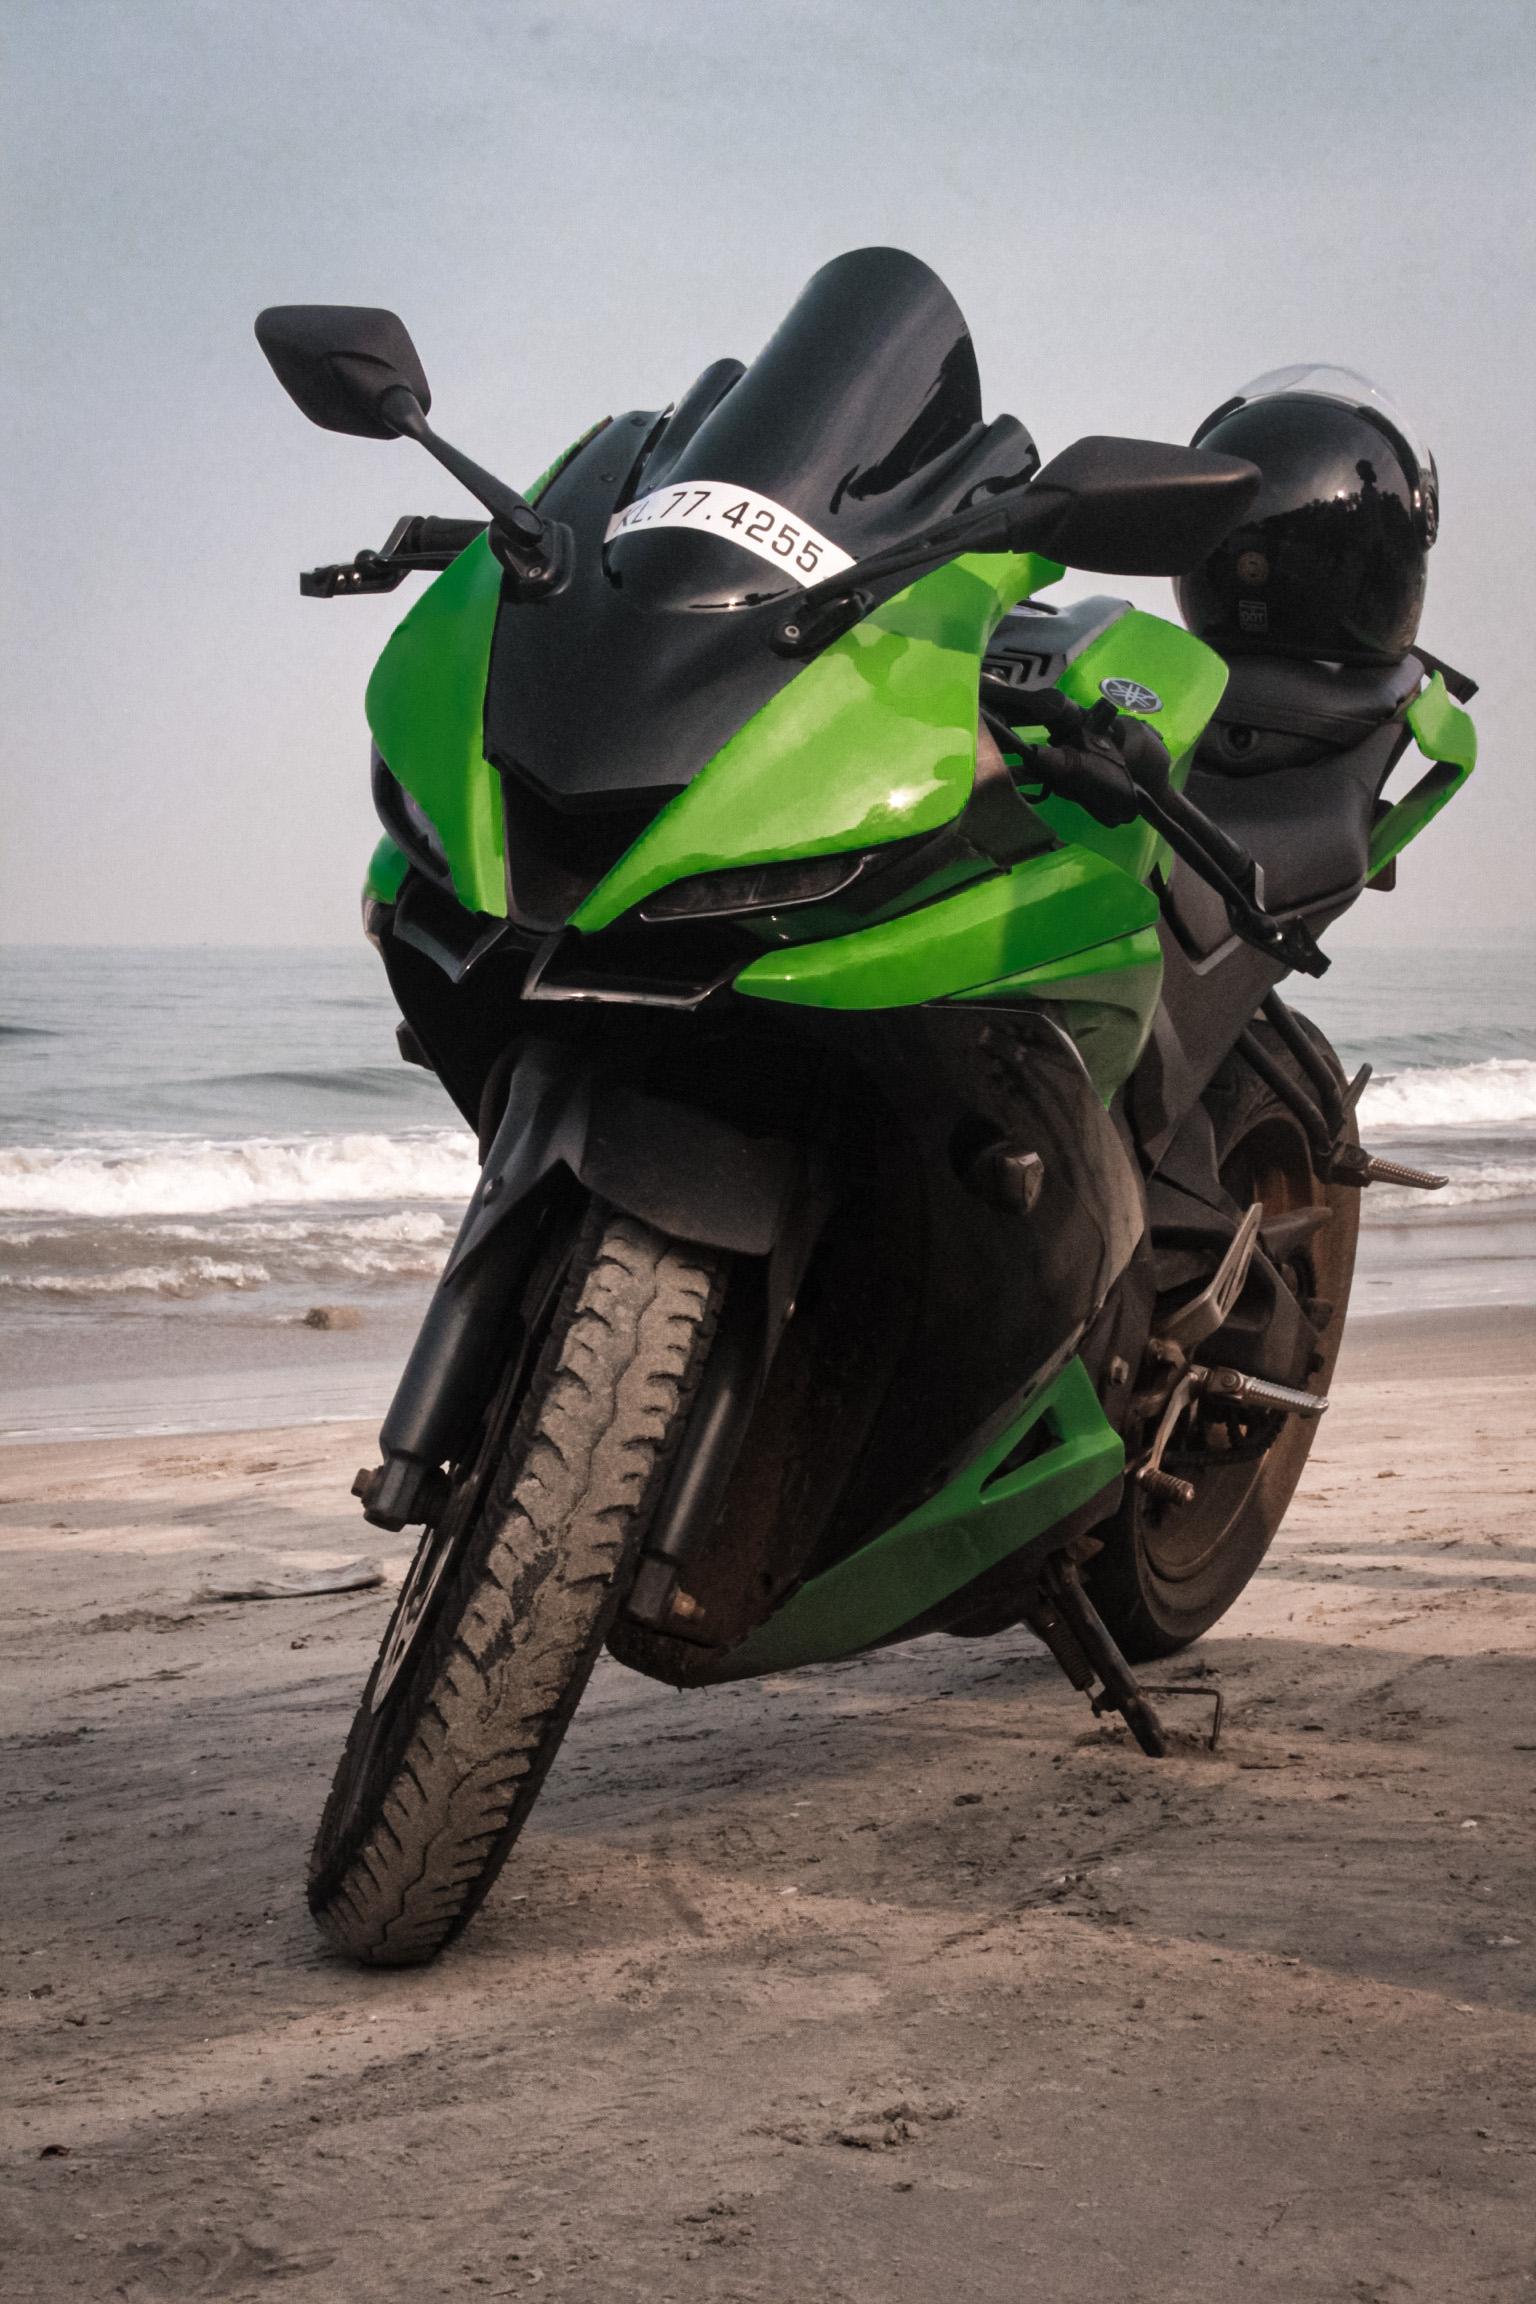 A super bike